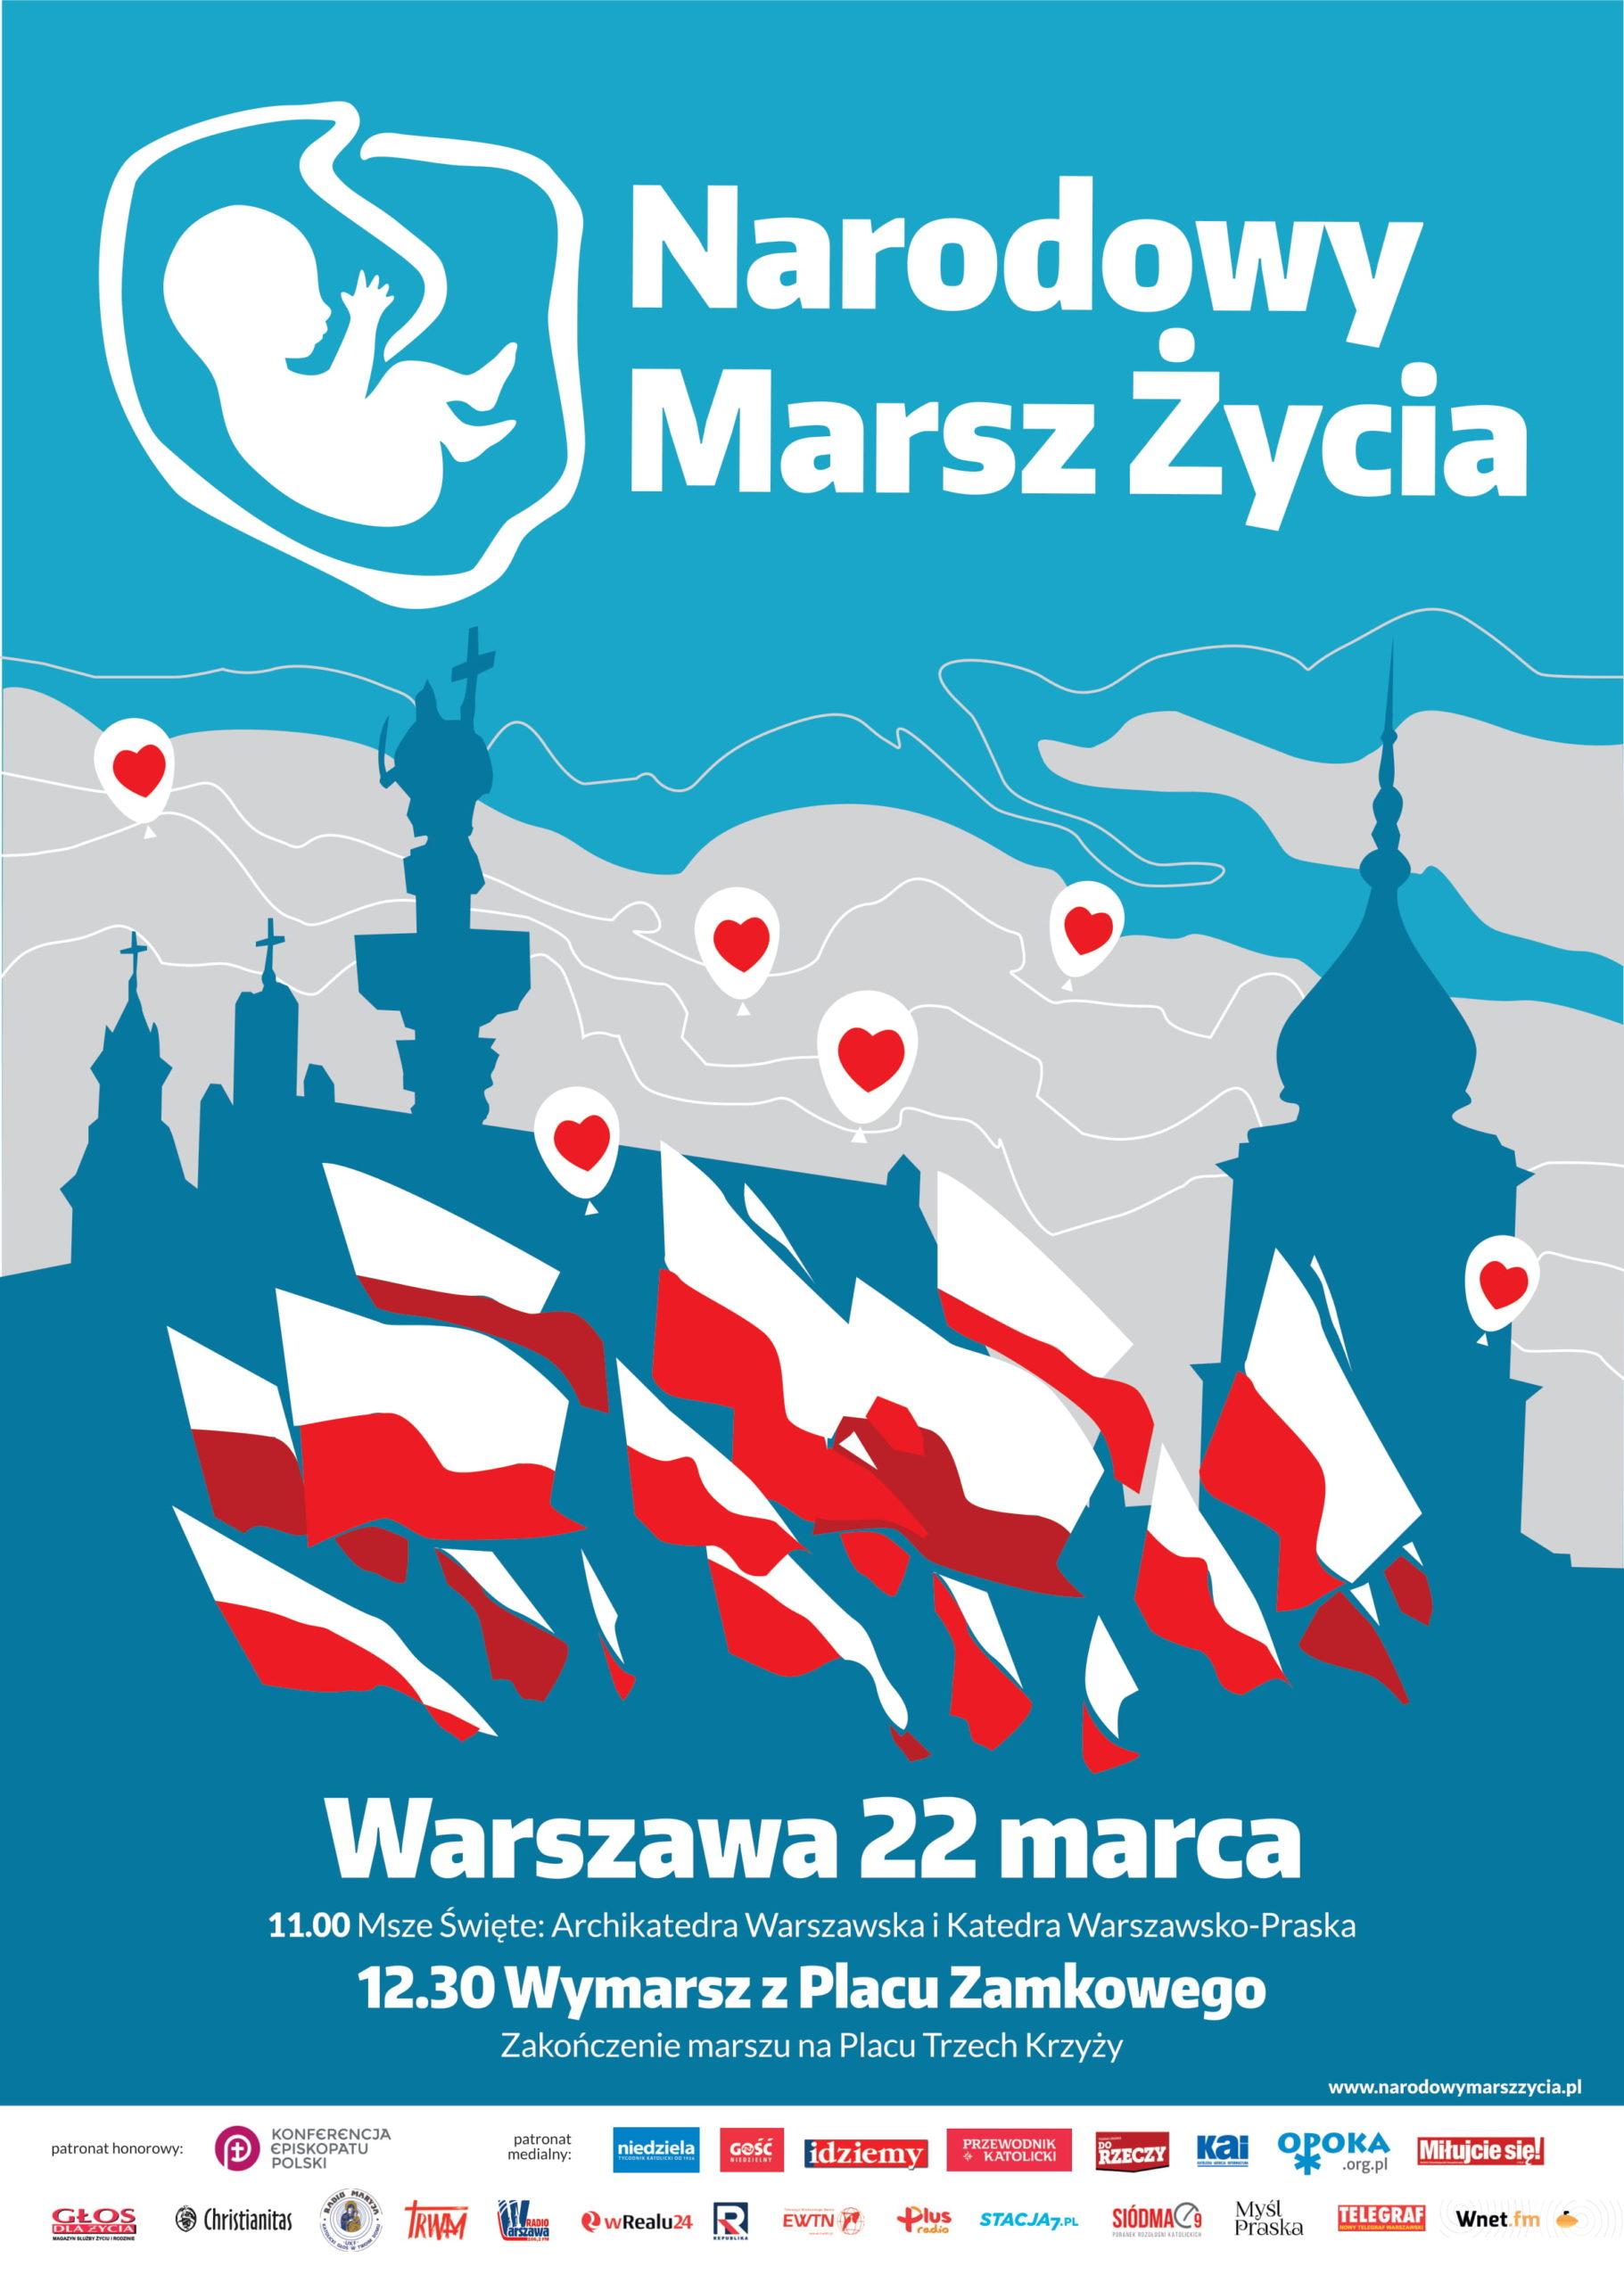 Narodowy Marsz Życia - 22 marca 2020 r. - Warszawa